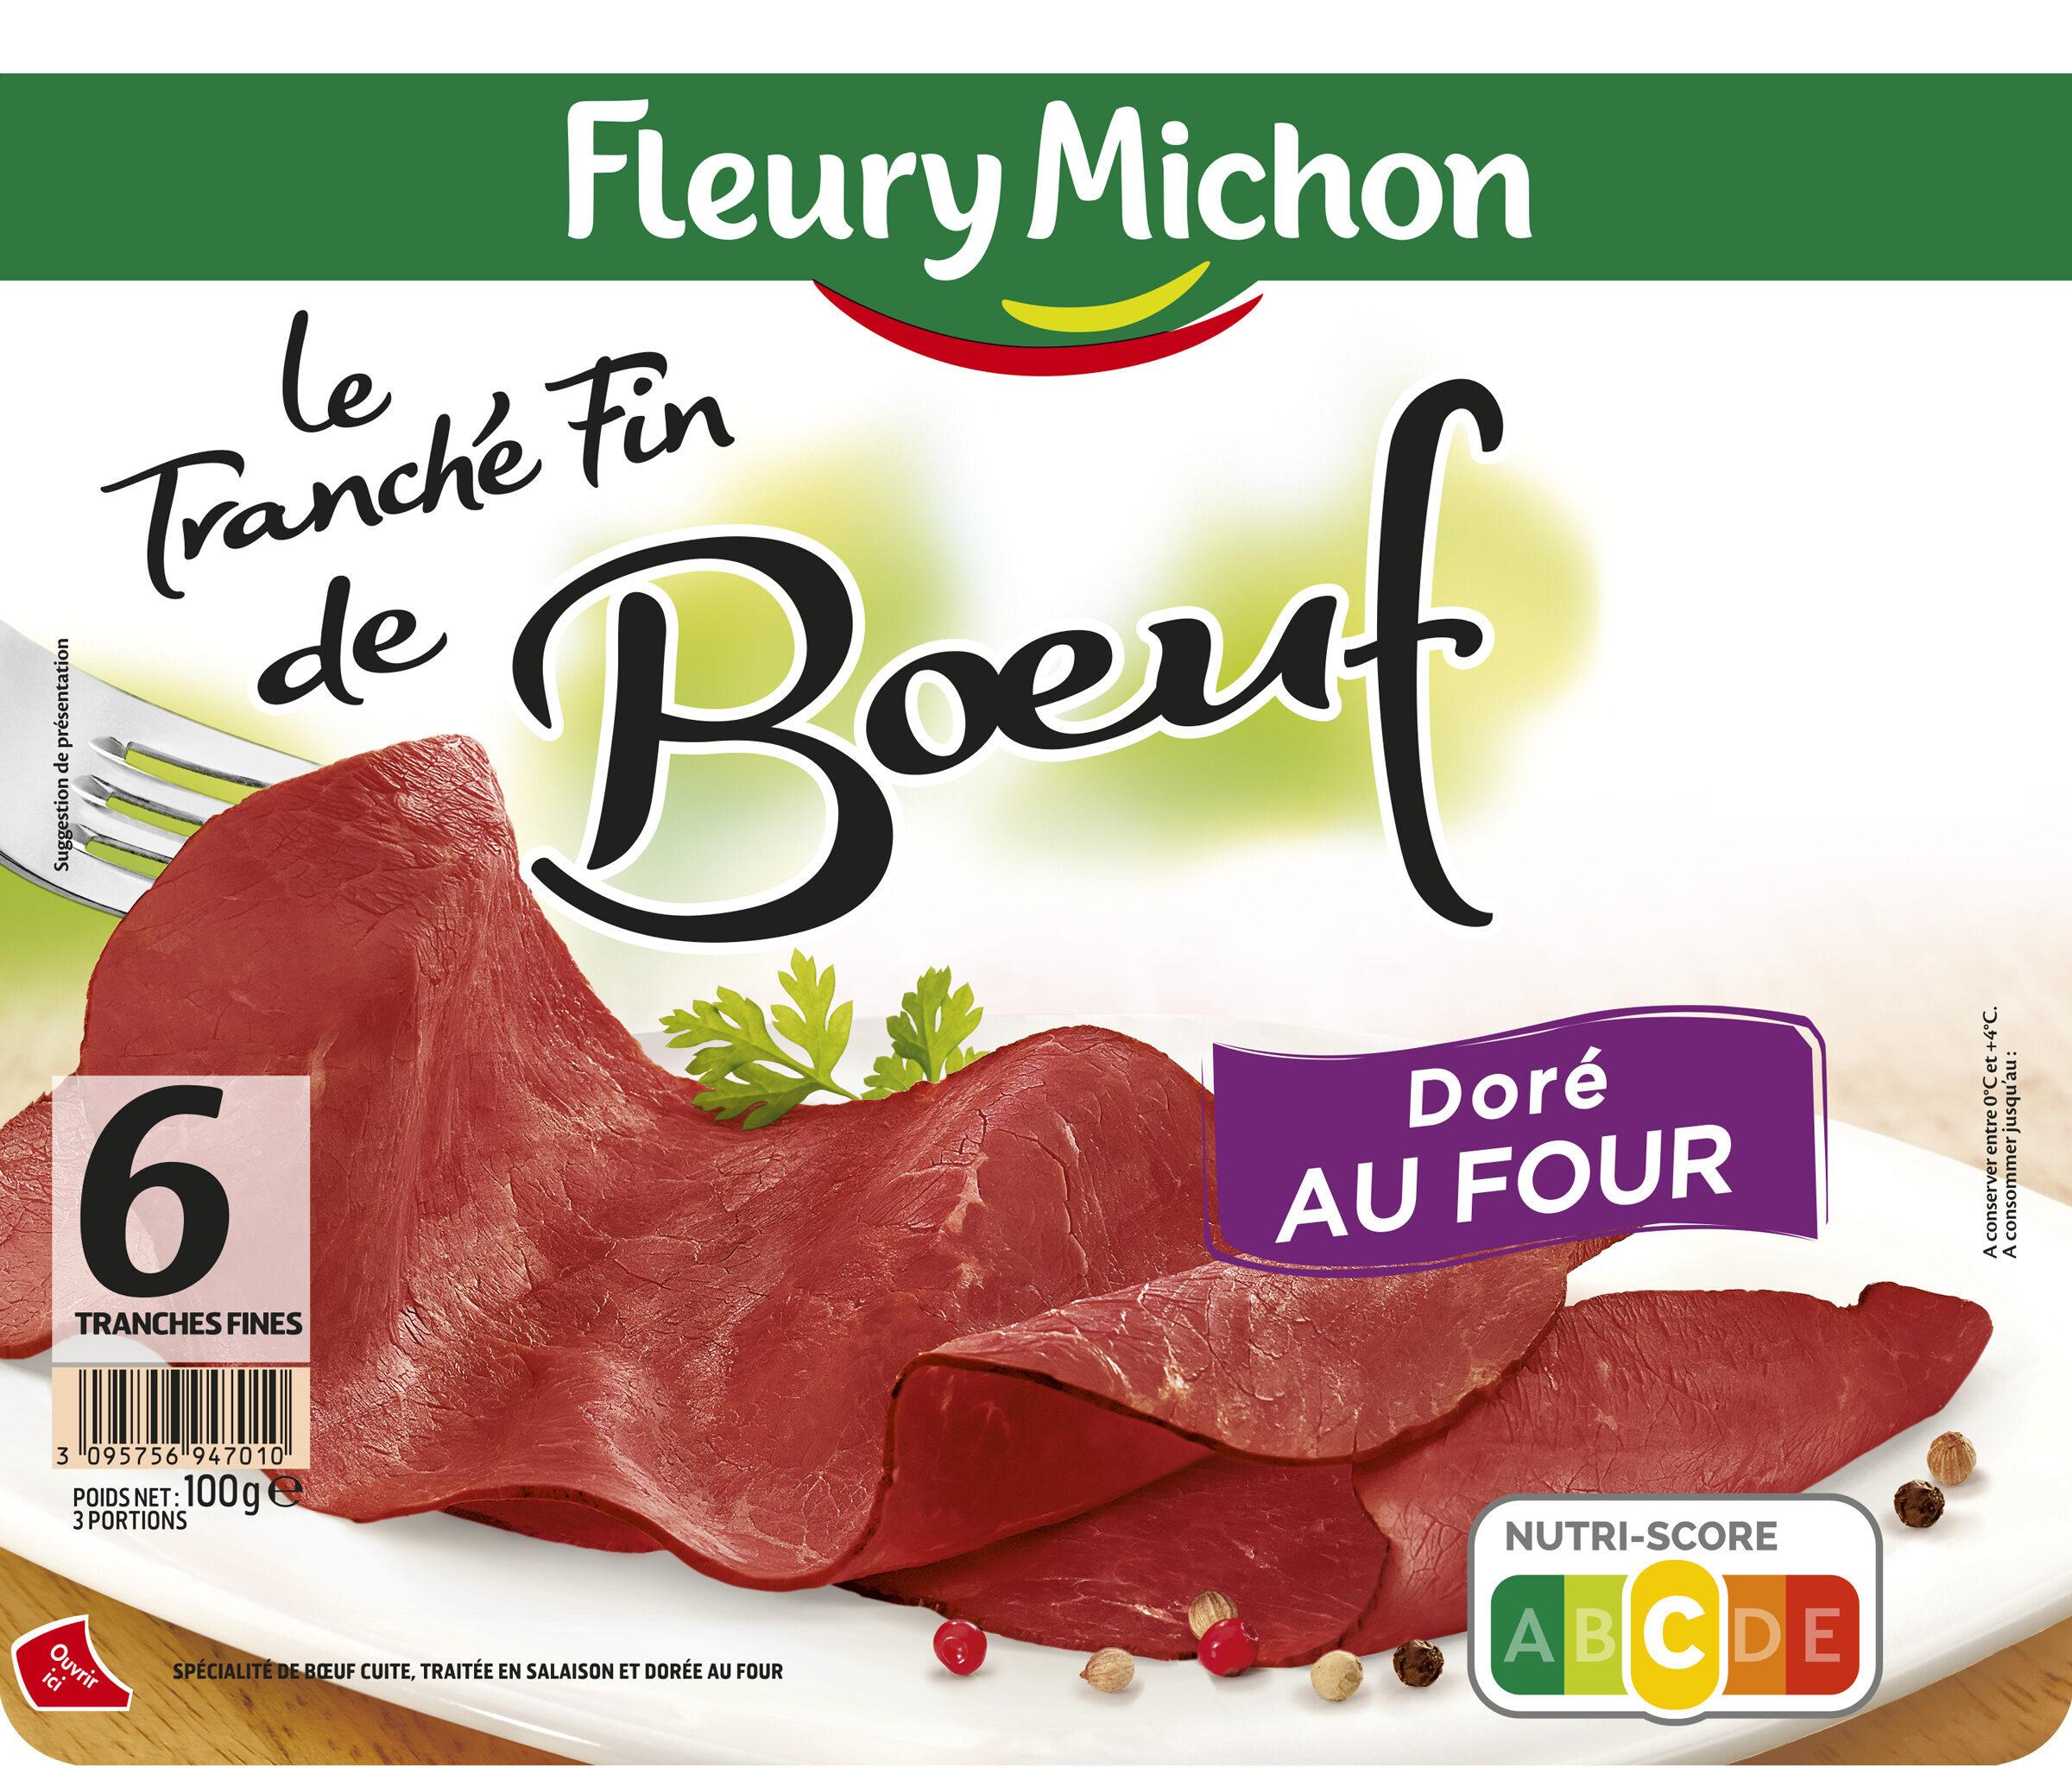 Le Tranché Fin de Boeuf Doré au four - 6 tranches fines - Produit - fr